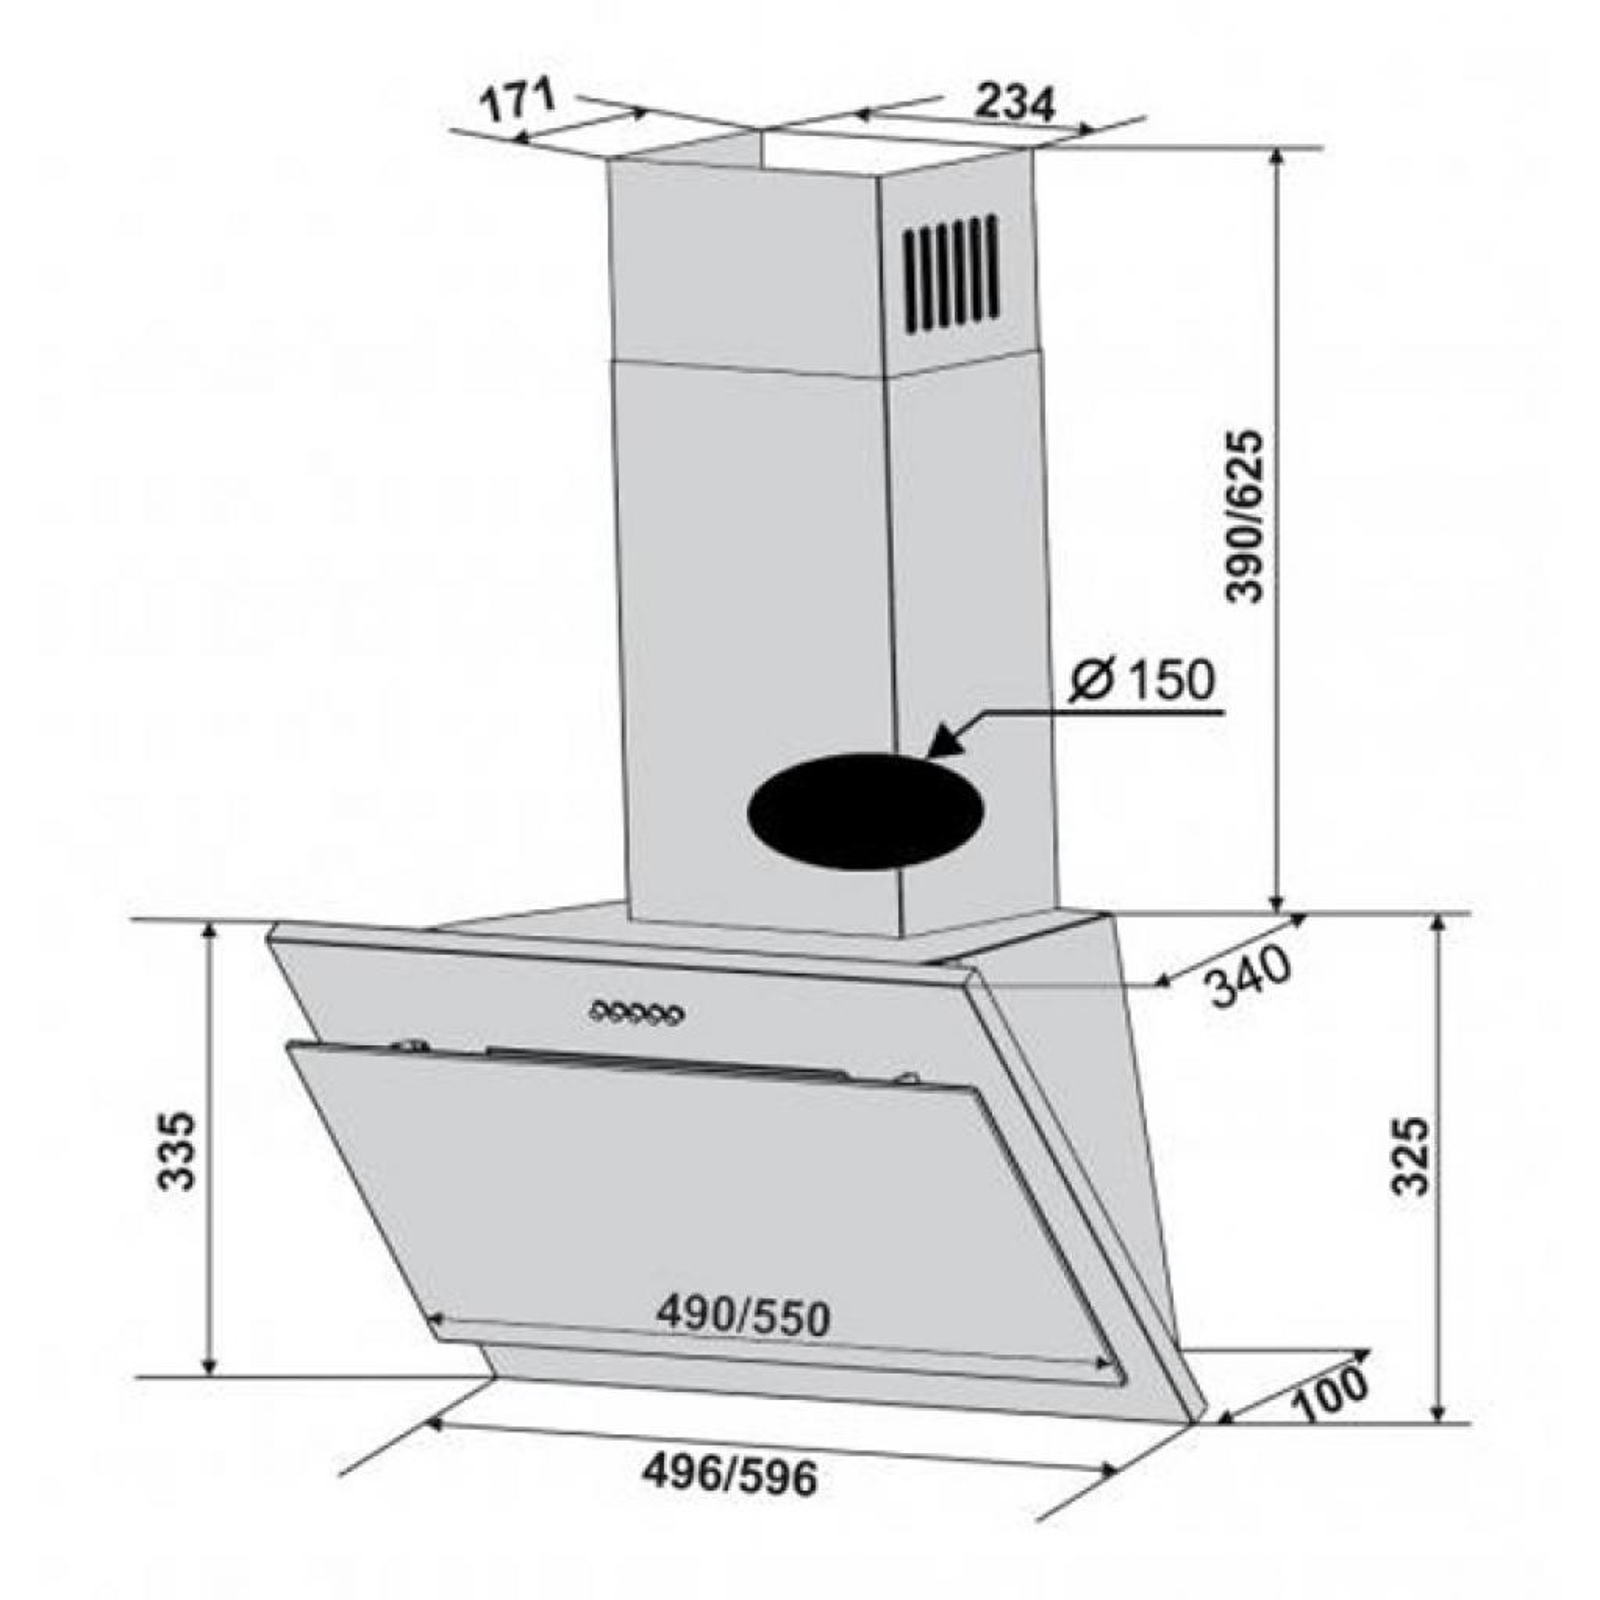 Вытяжка кухонная VENTOLUX ASTRO 60 BK (750) (IT) изображение 2